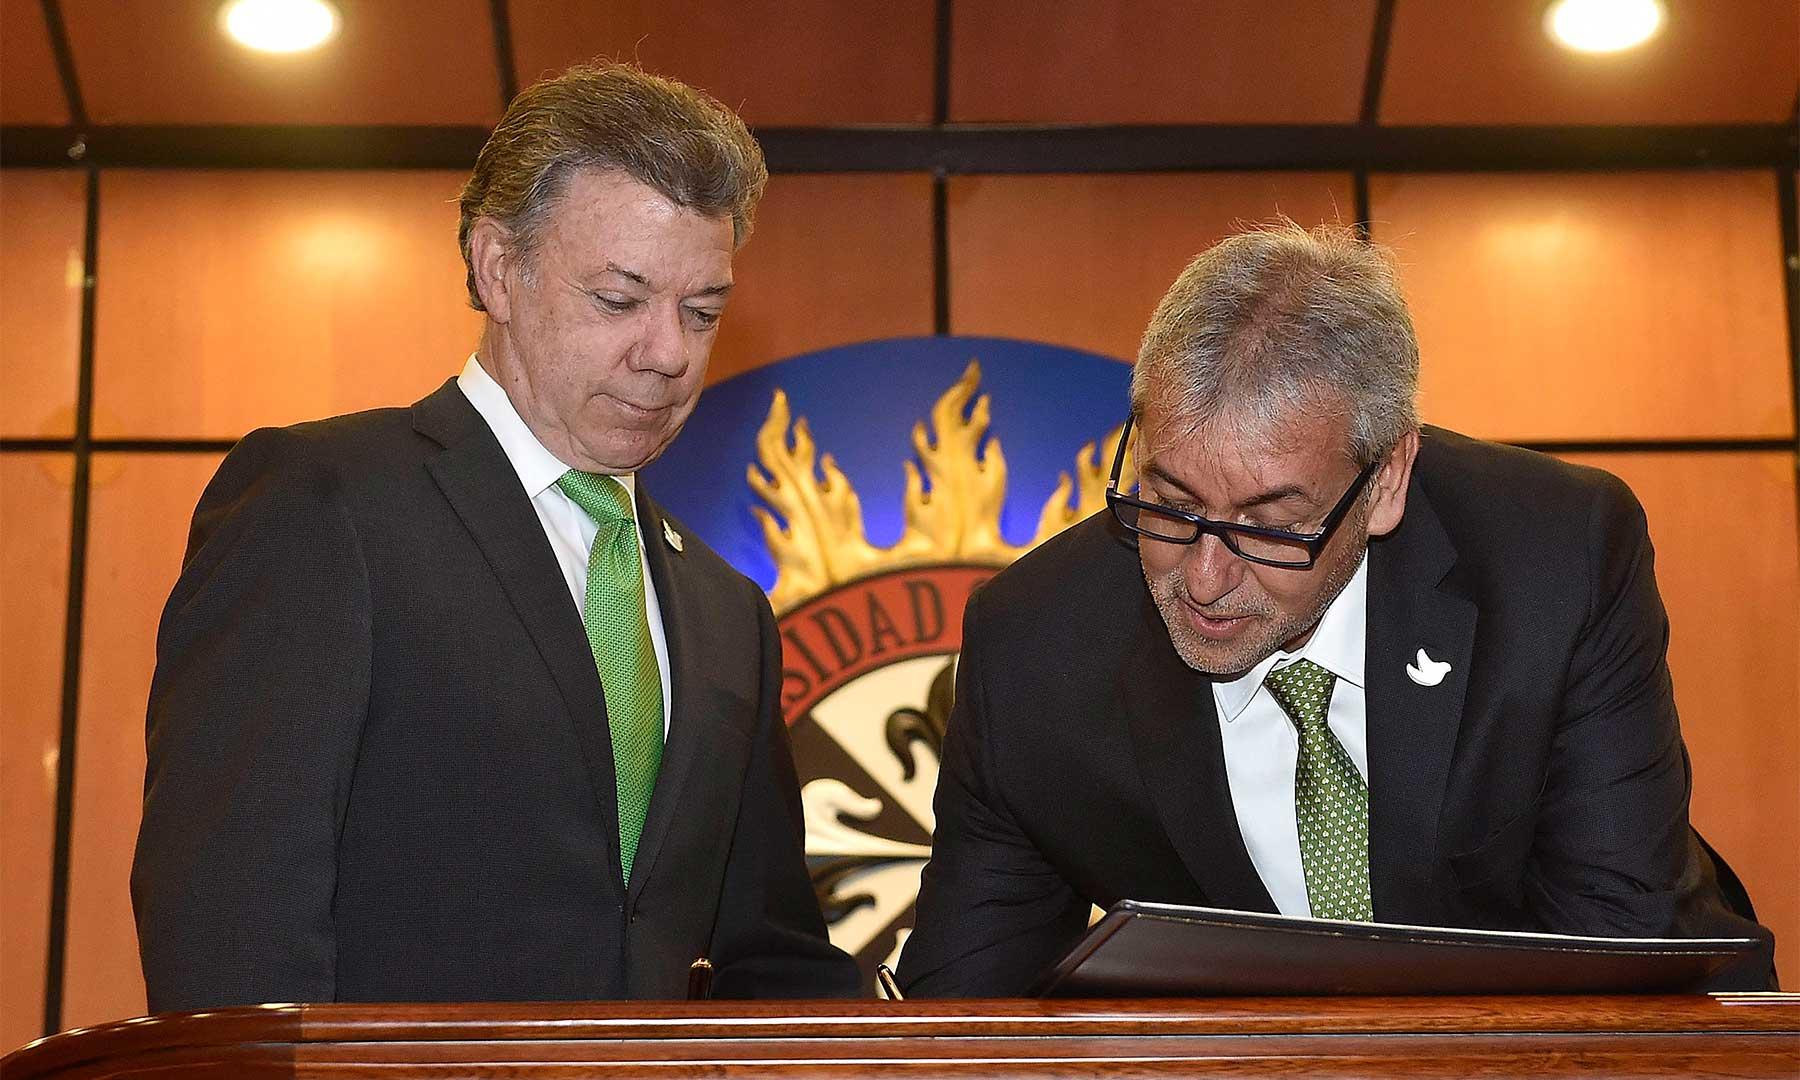 El nuevo Ministro de Justicia y del Derecho, Jorge Eduardo Londoño firma su posesión en el cargo ante el Presidente Juan Manuel Santos.